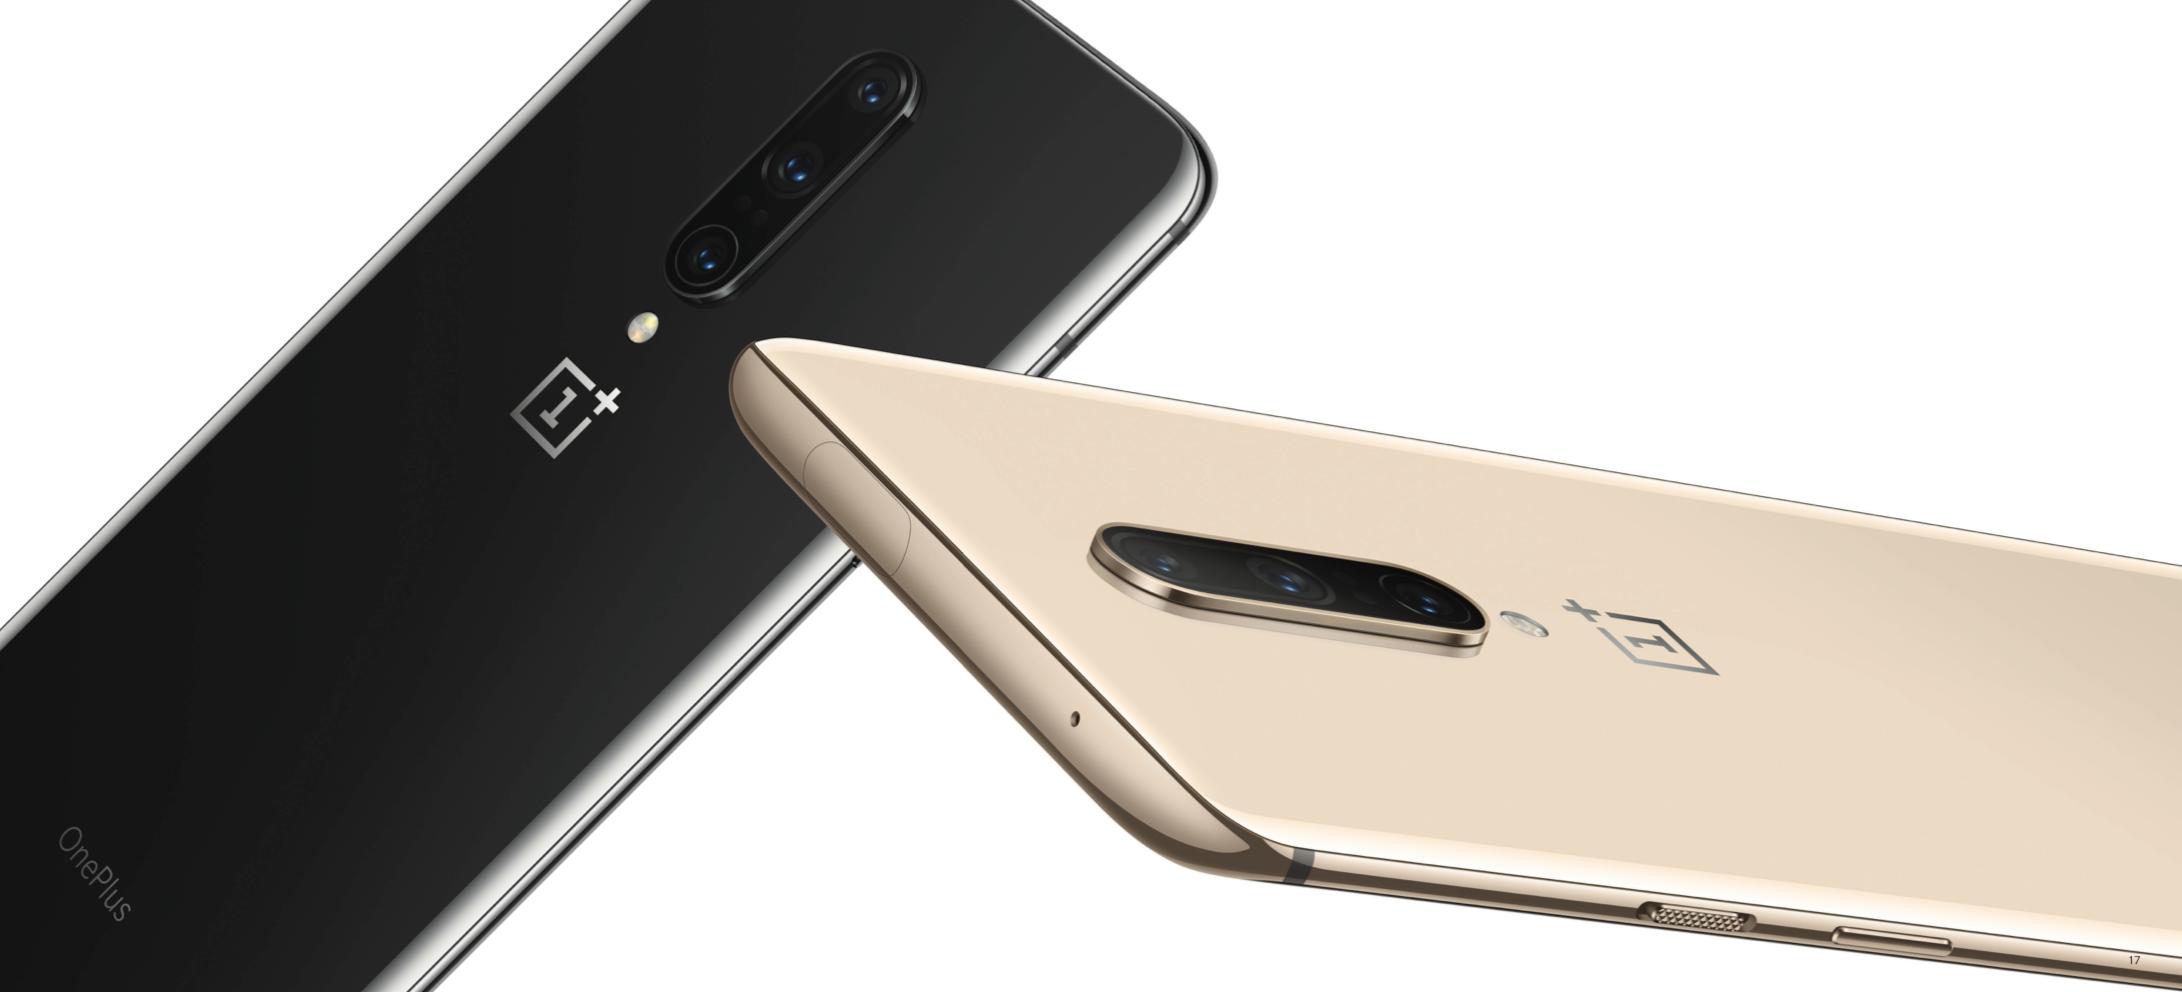 OnePlus 7 Pron tummanharmaa Mirror Gray ja vaalea Almond-väri.